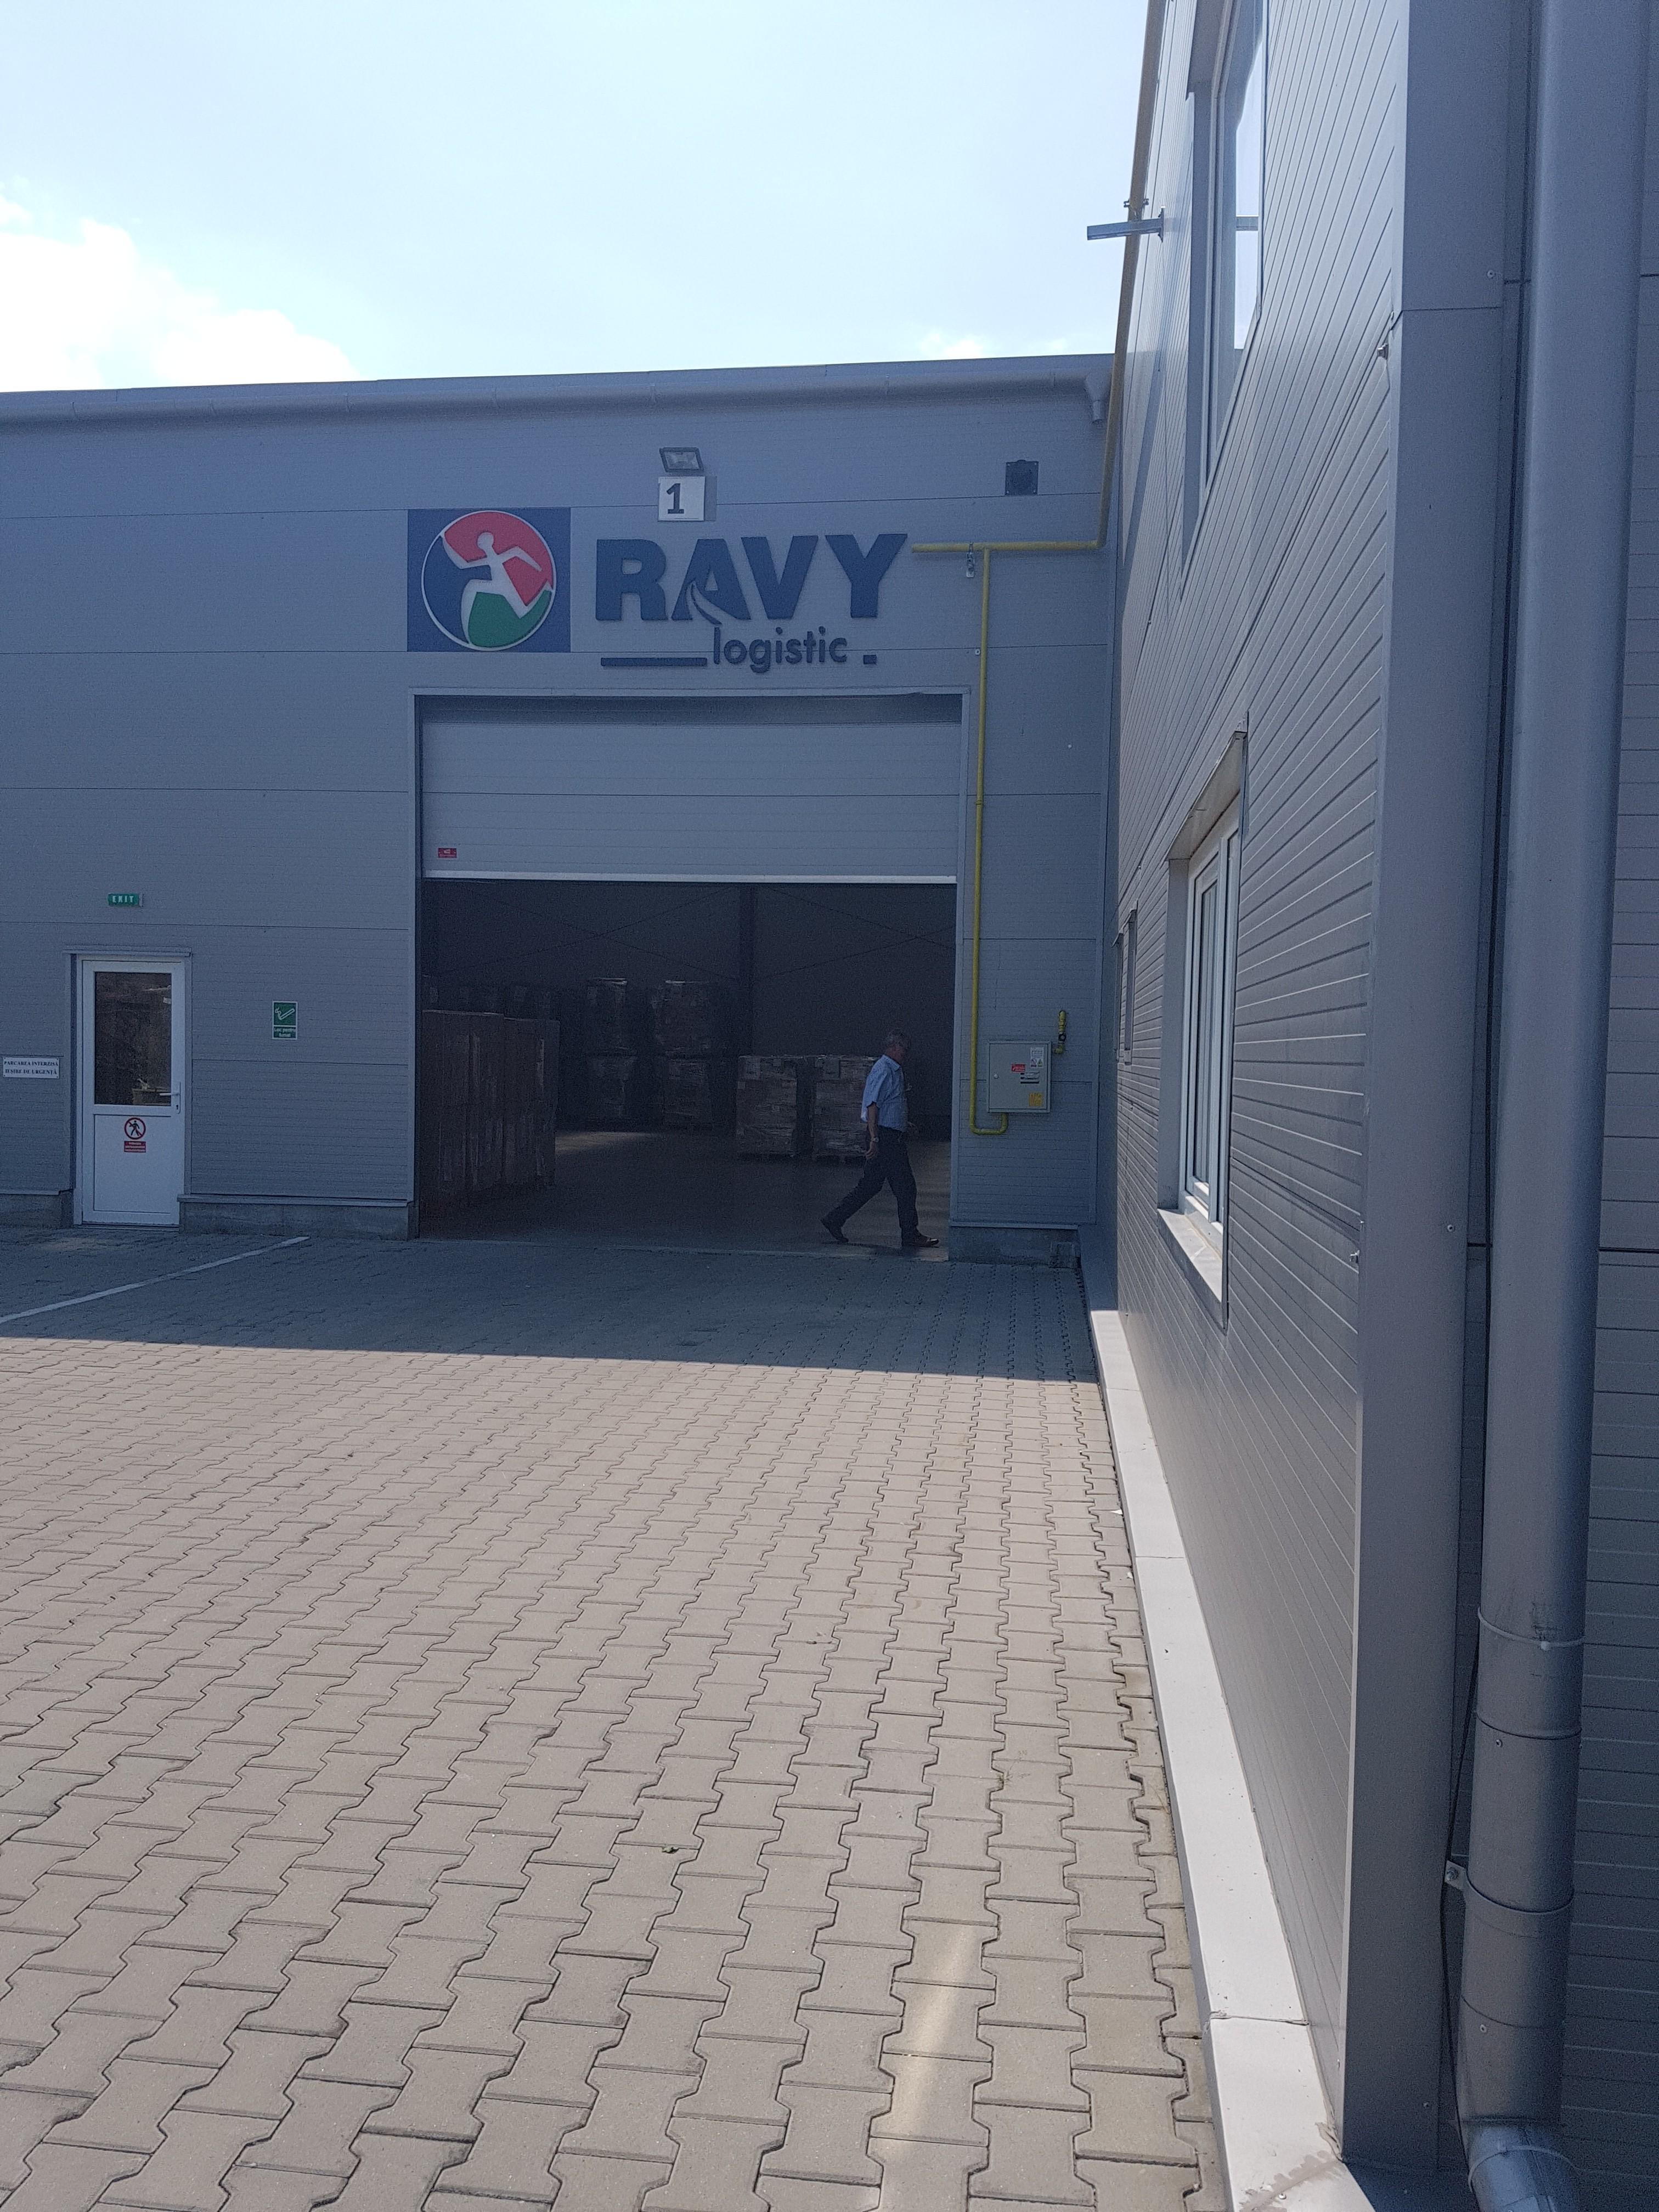 Depozit Ravy